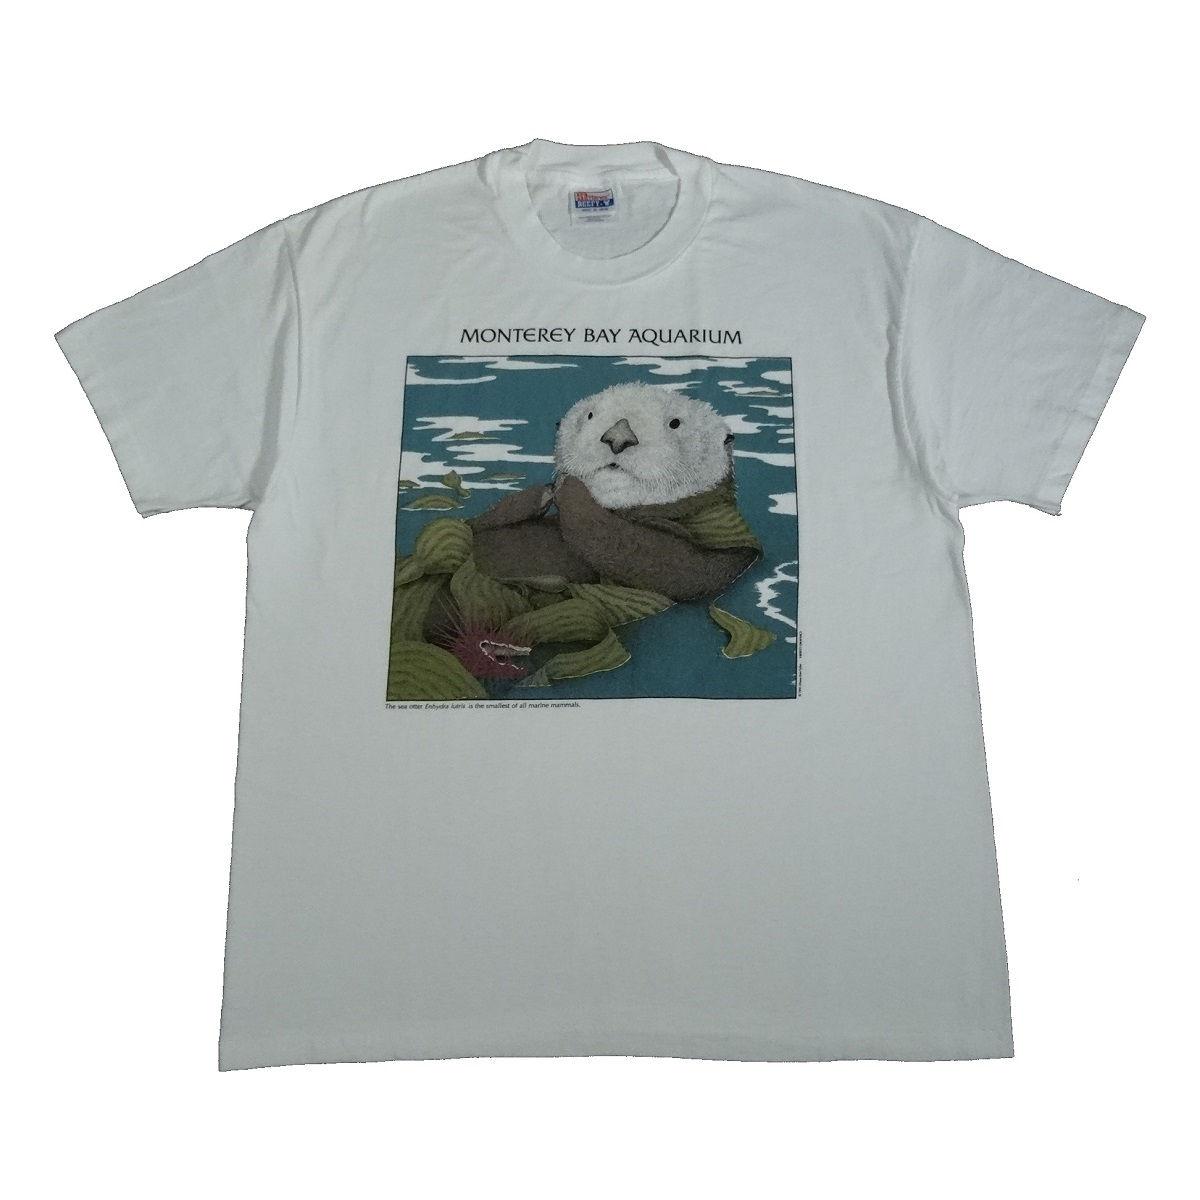 monterey bay aquarium sea otter vintage t shirt front